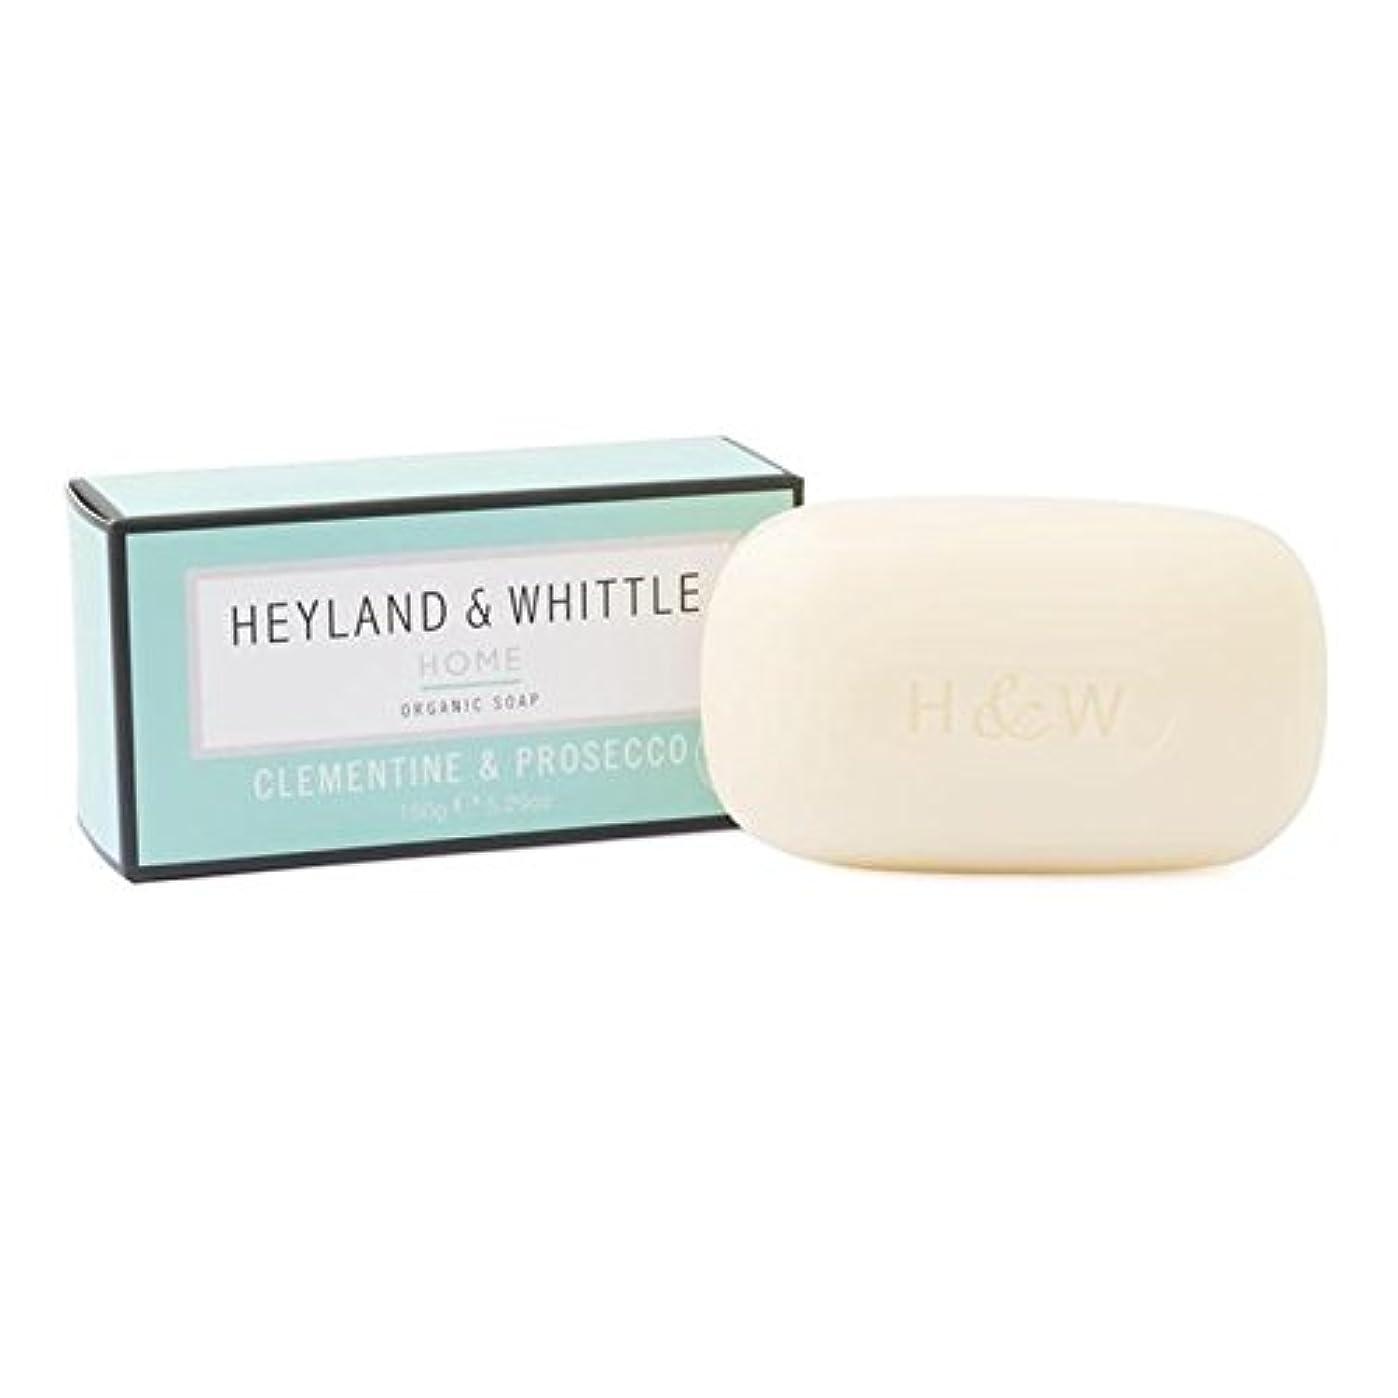 固執びっくりそれぞれ&削るホームクレメンタイン&プロセッコ有機石鹸150グラム x4 - Heyland & Whittle Home Clementine & Prosecco Organic Soap 150g (Pack of 4) [並行輸入品]